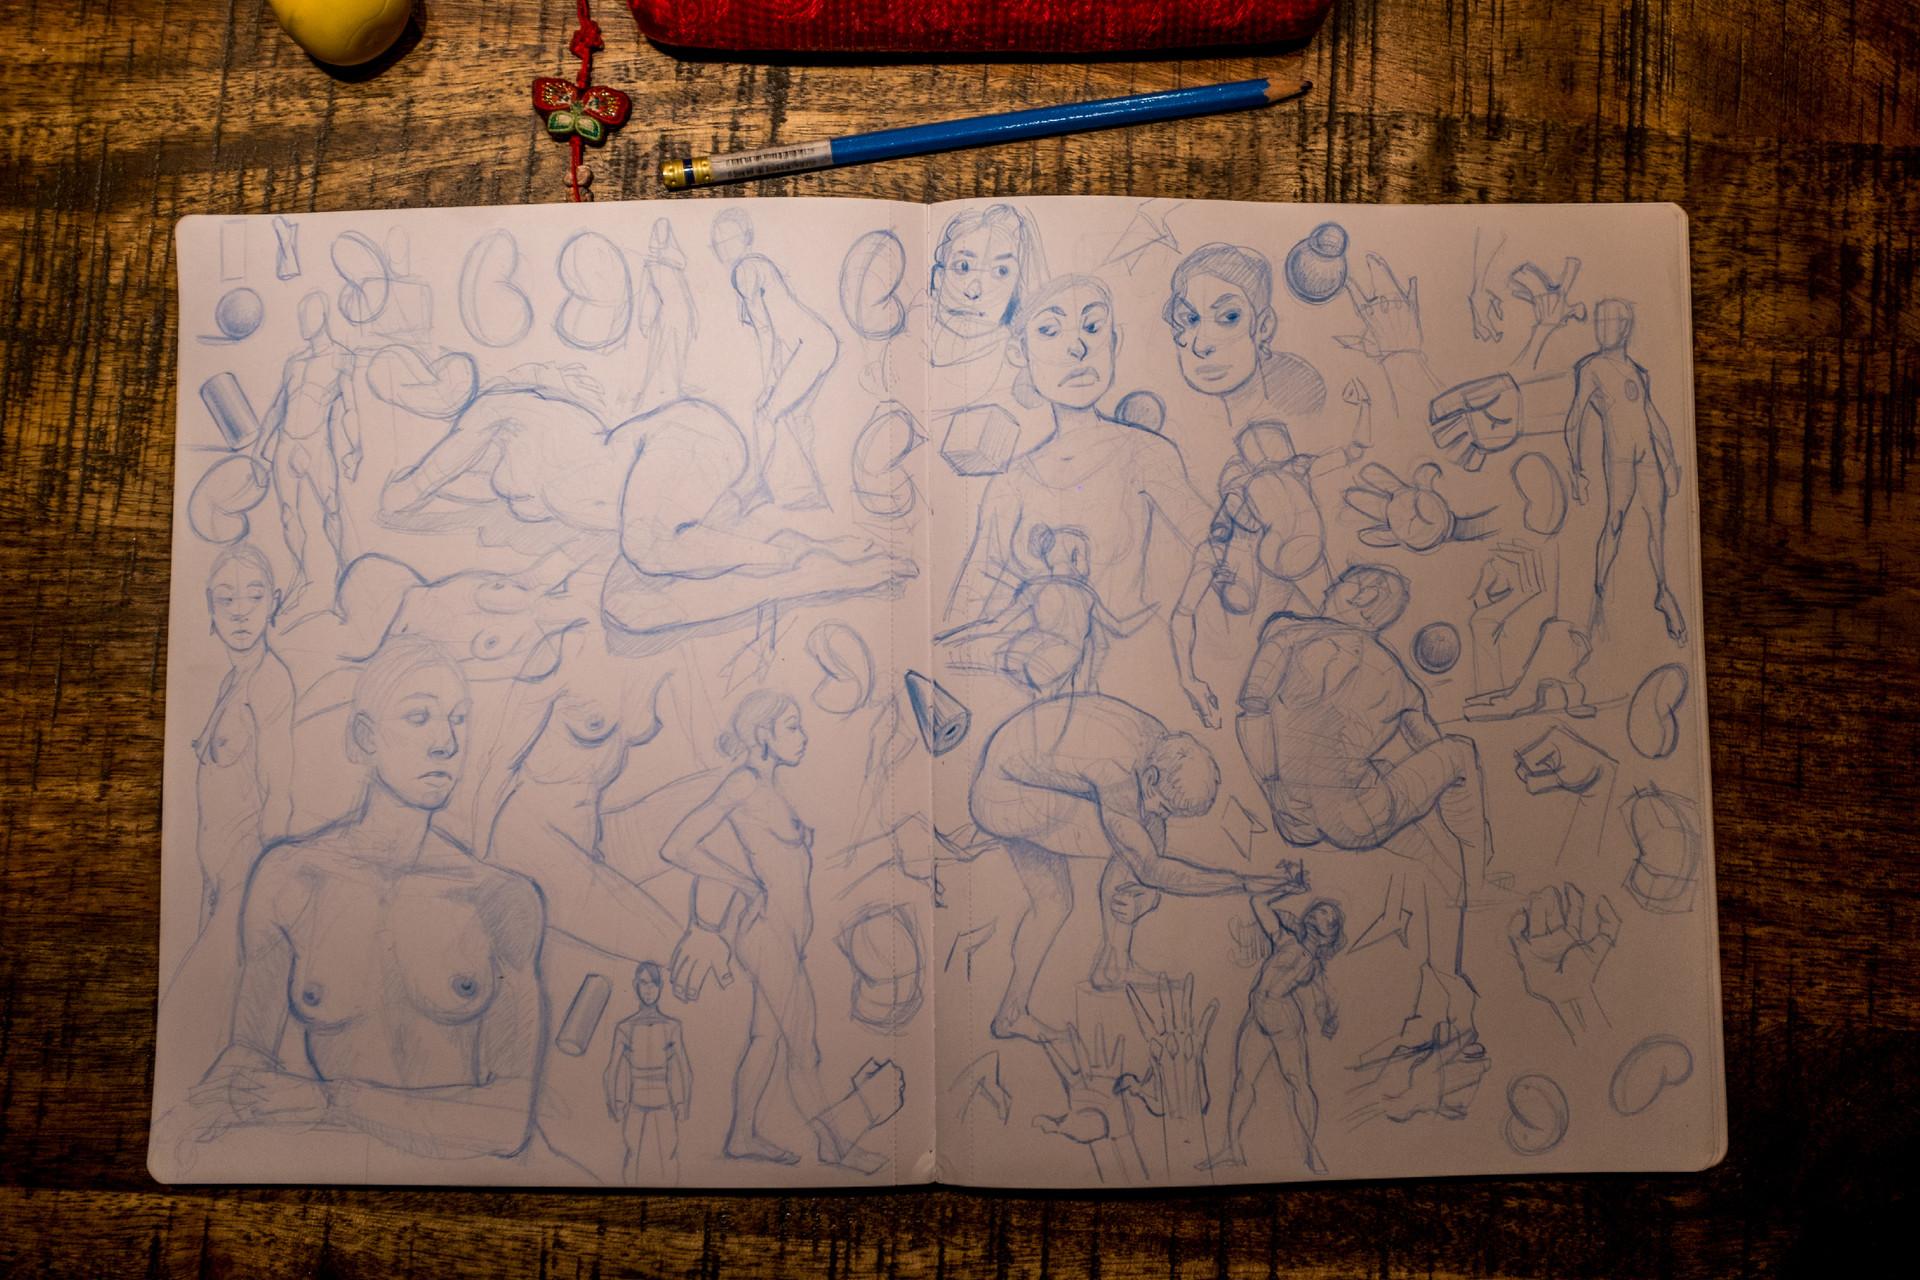 Vincent derozier vincent derozier drawings 7